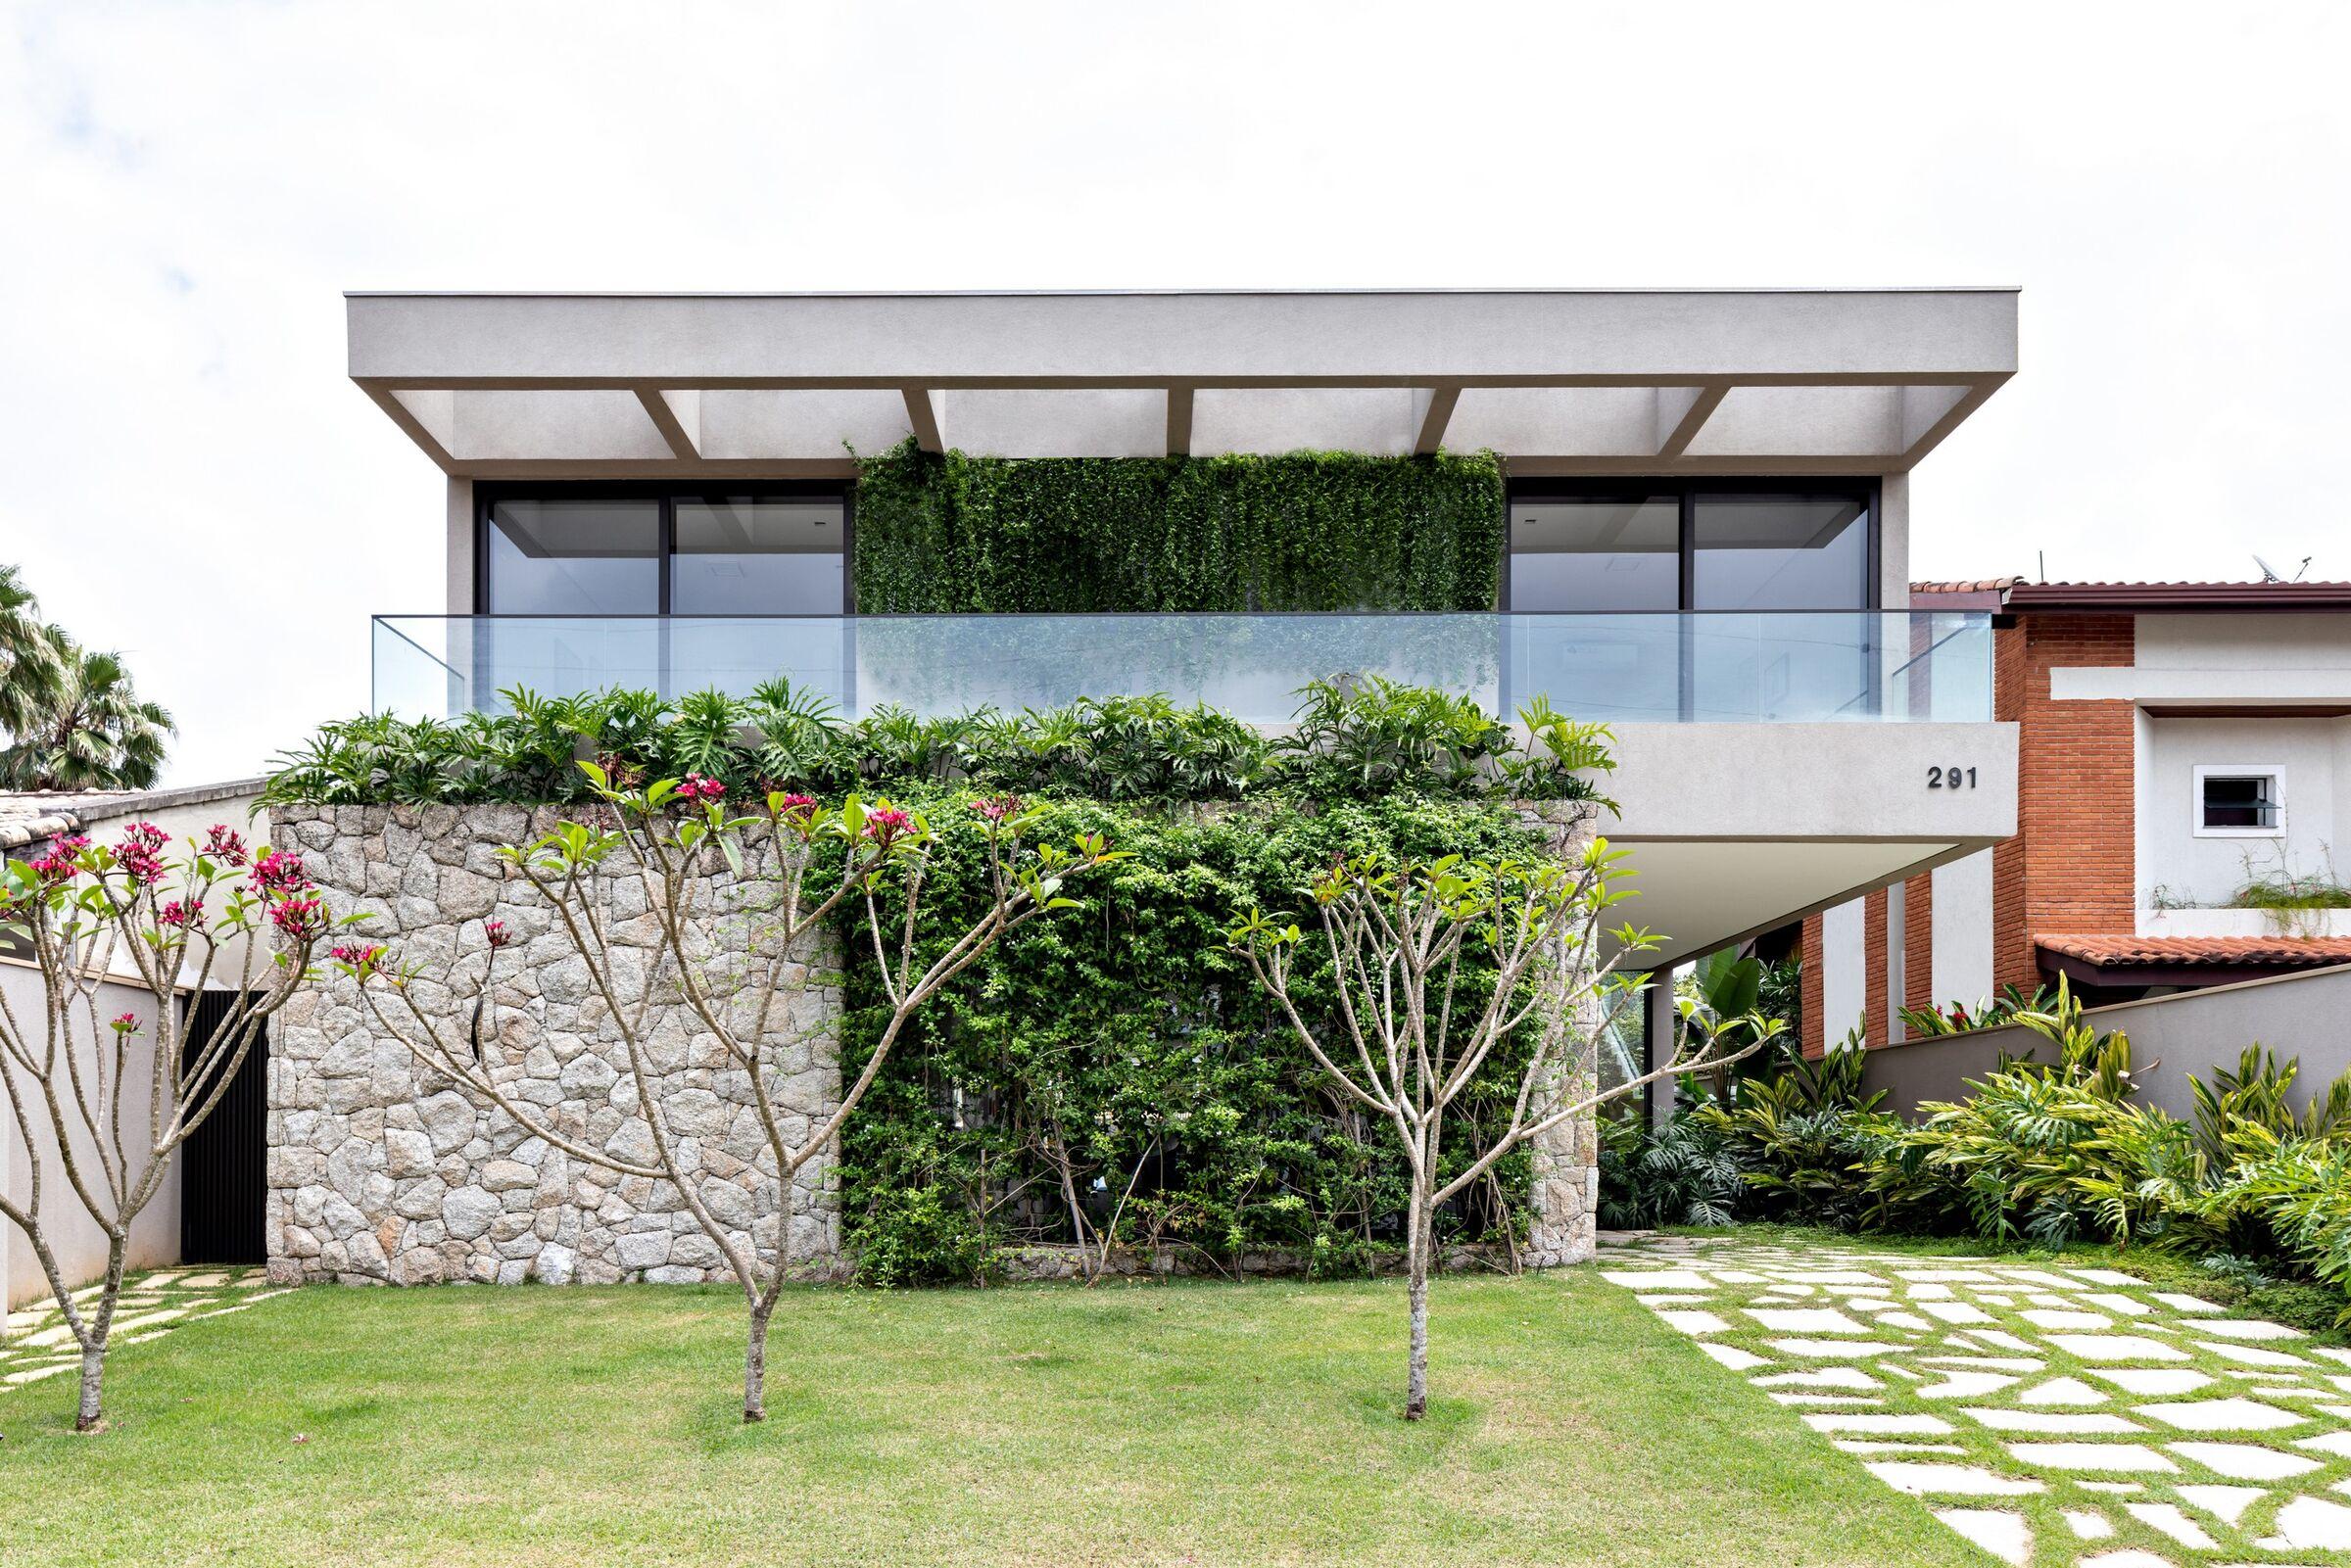 cac mau nha biet thu co san vuon dep nhat the gioi 23 50+ mẫu nhà biệt thự có sân vườn xanh mát mê mọi góc cạnh của thế giới